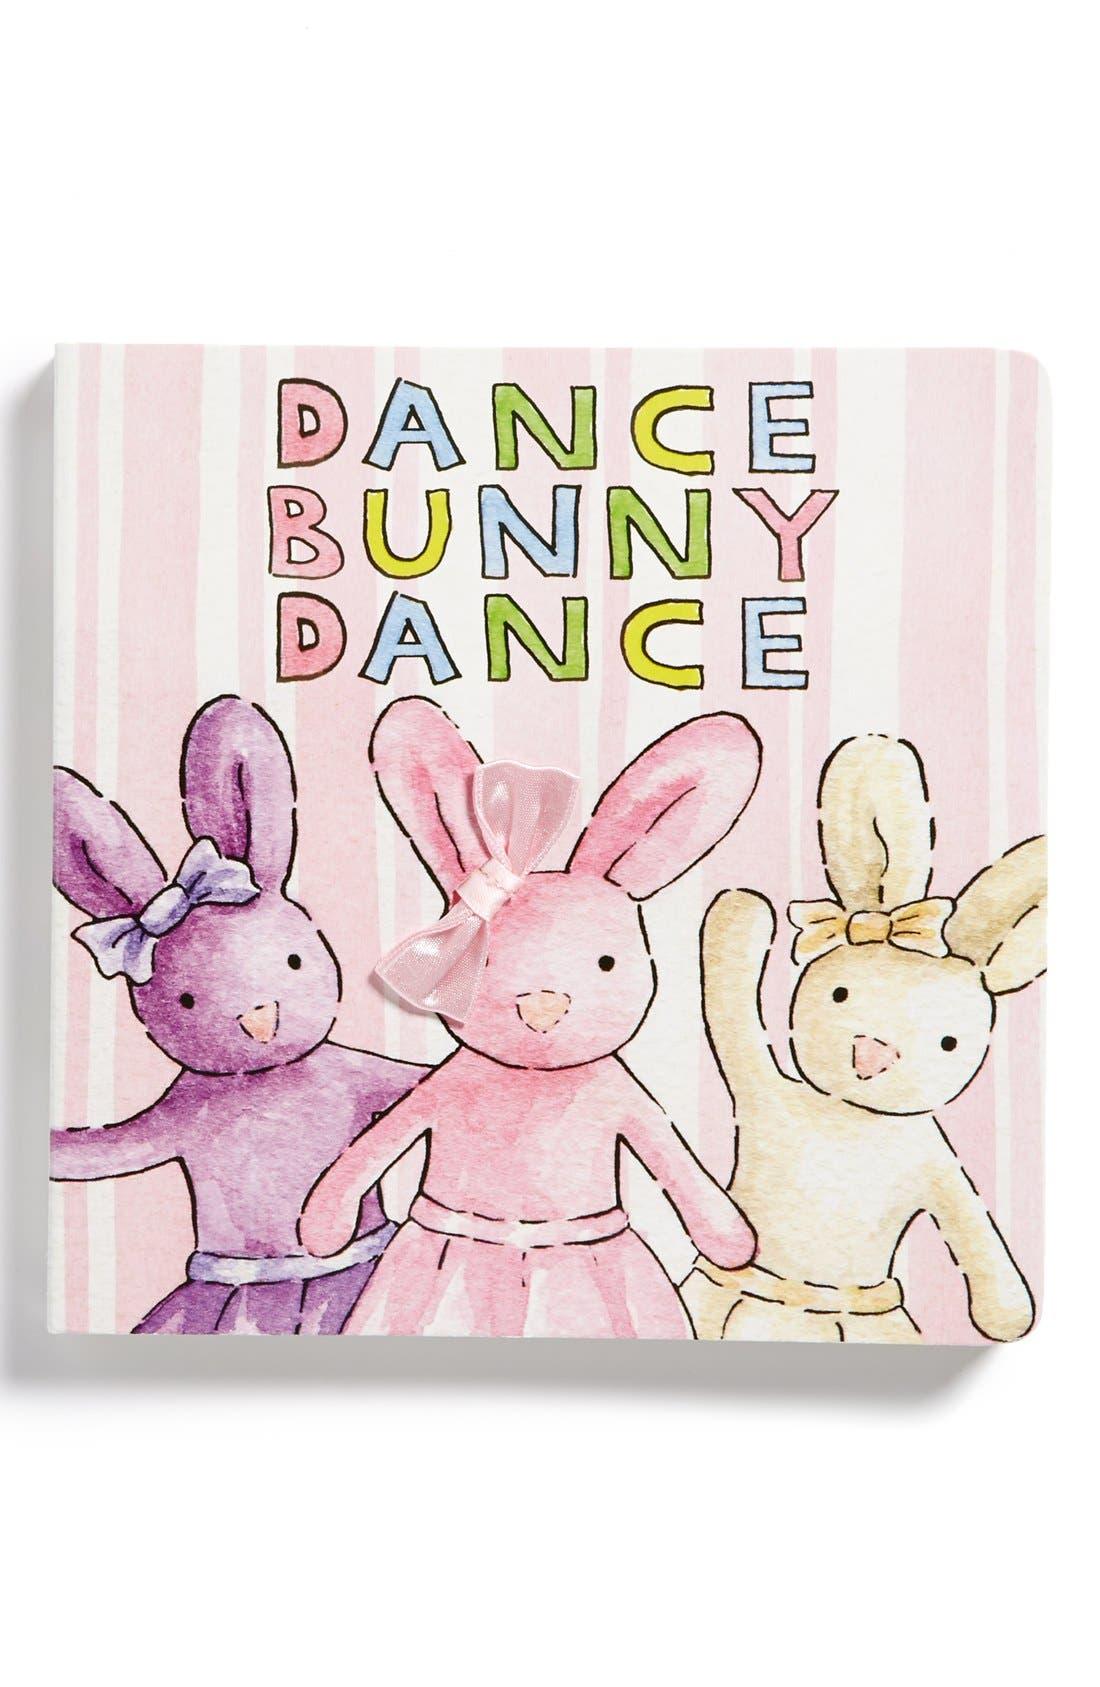 'Dance Bunny Dance' Book